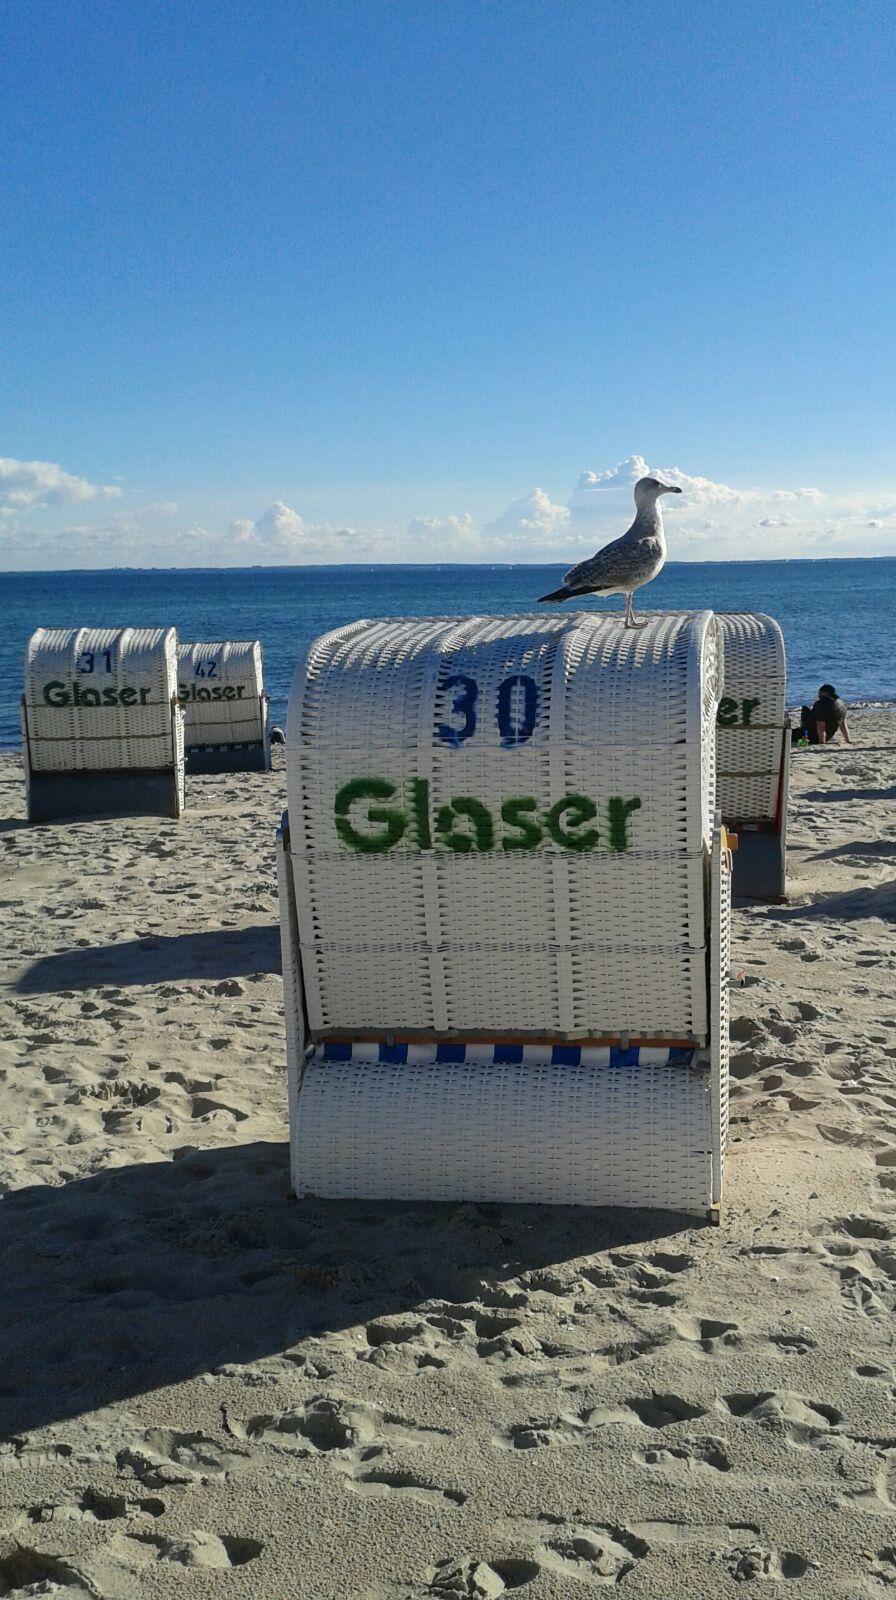 Strandkorbvermietung Glaser